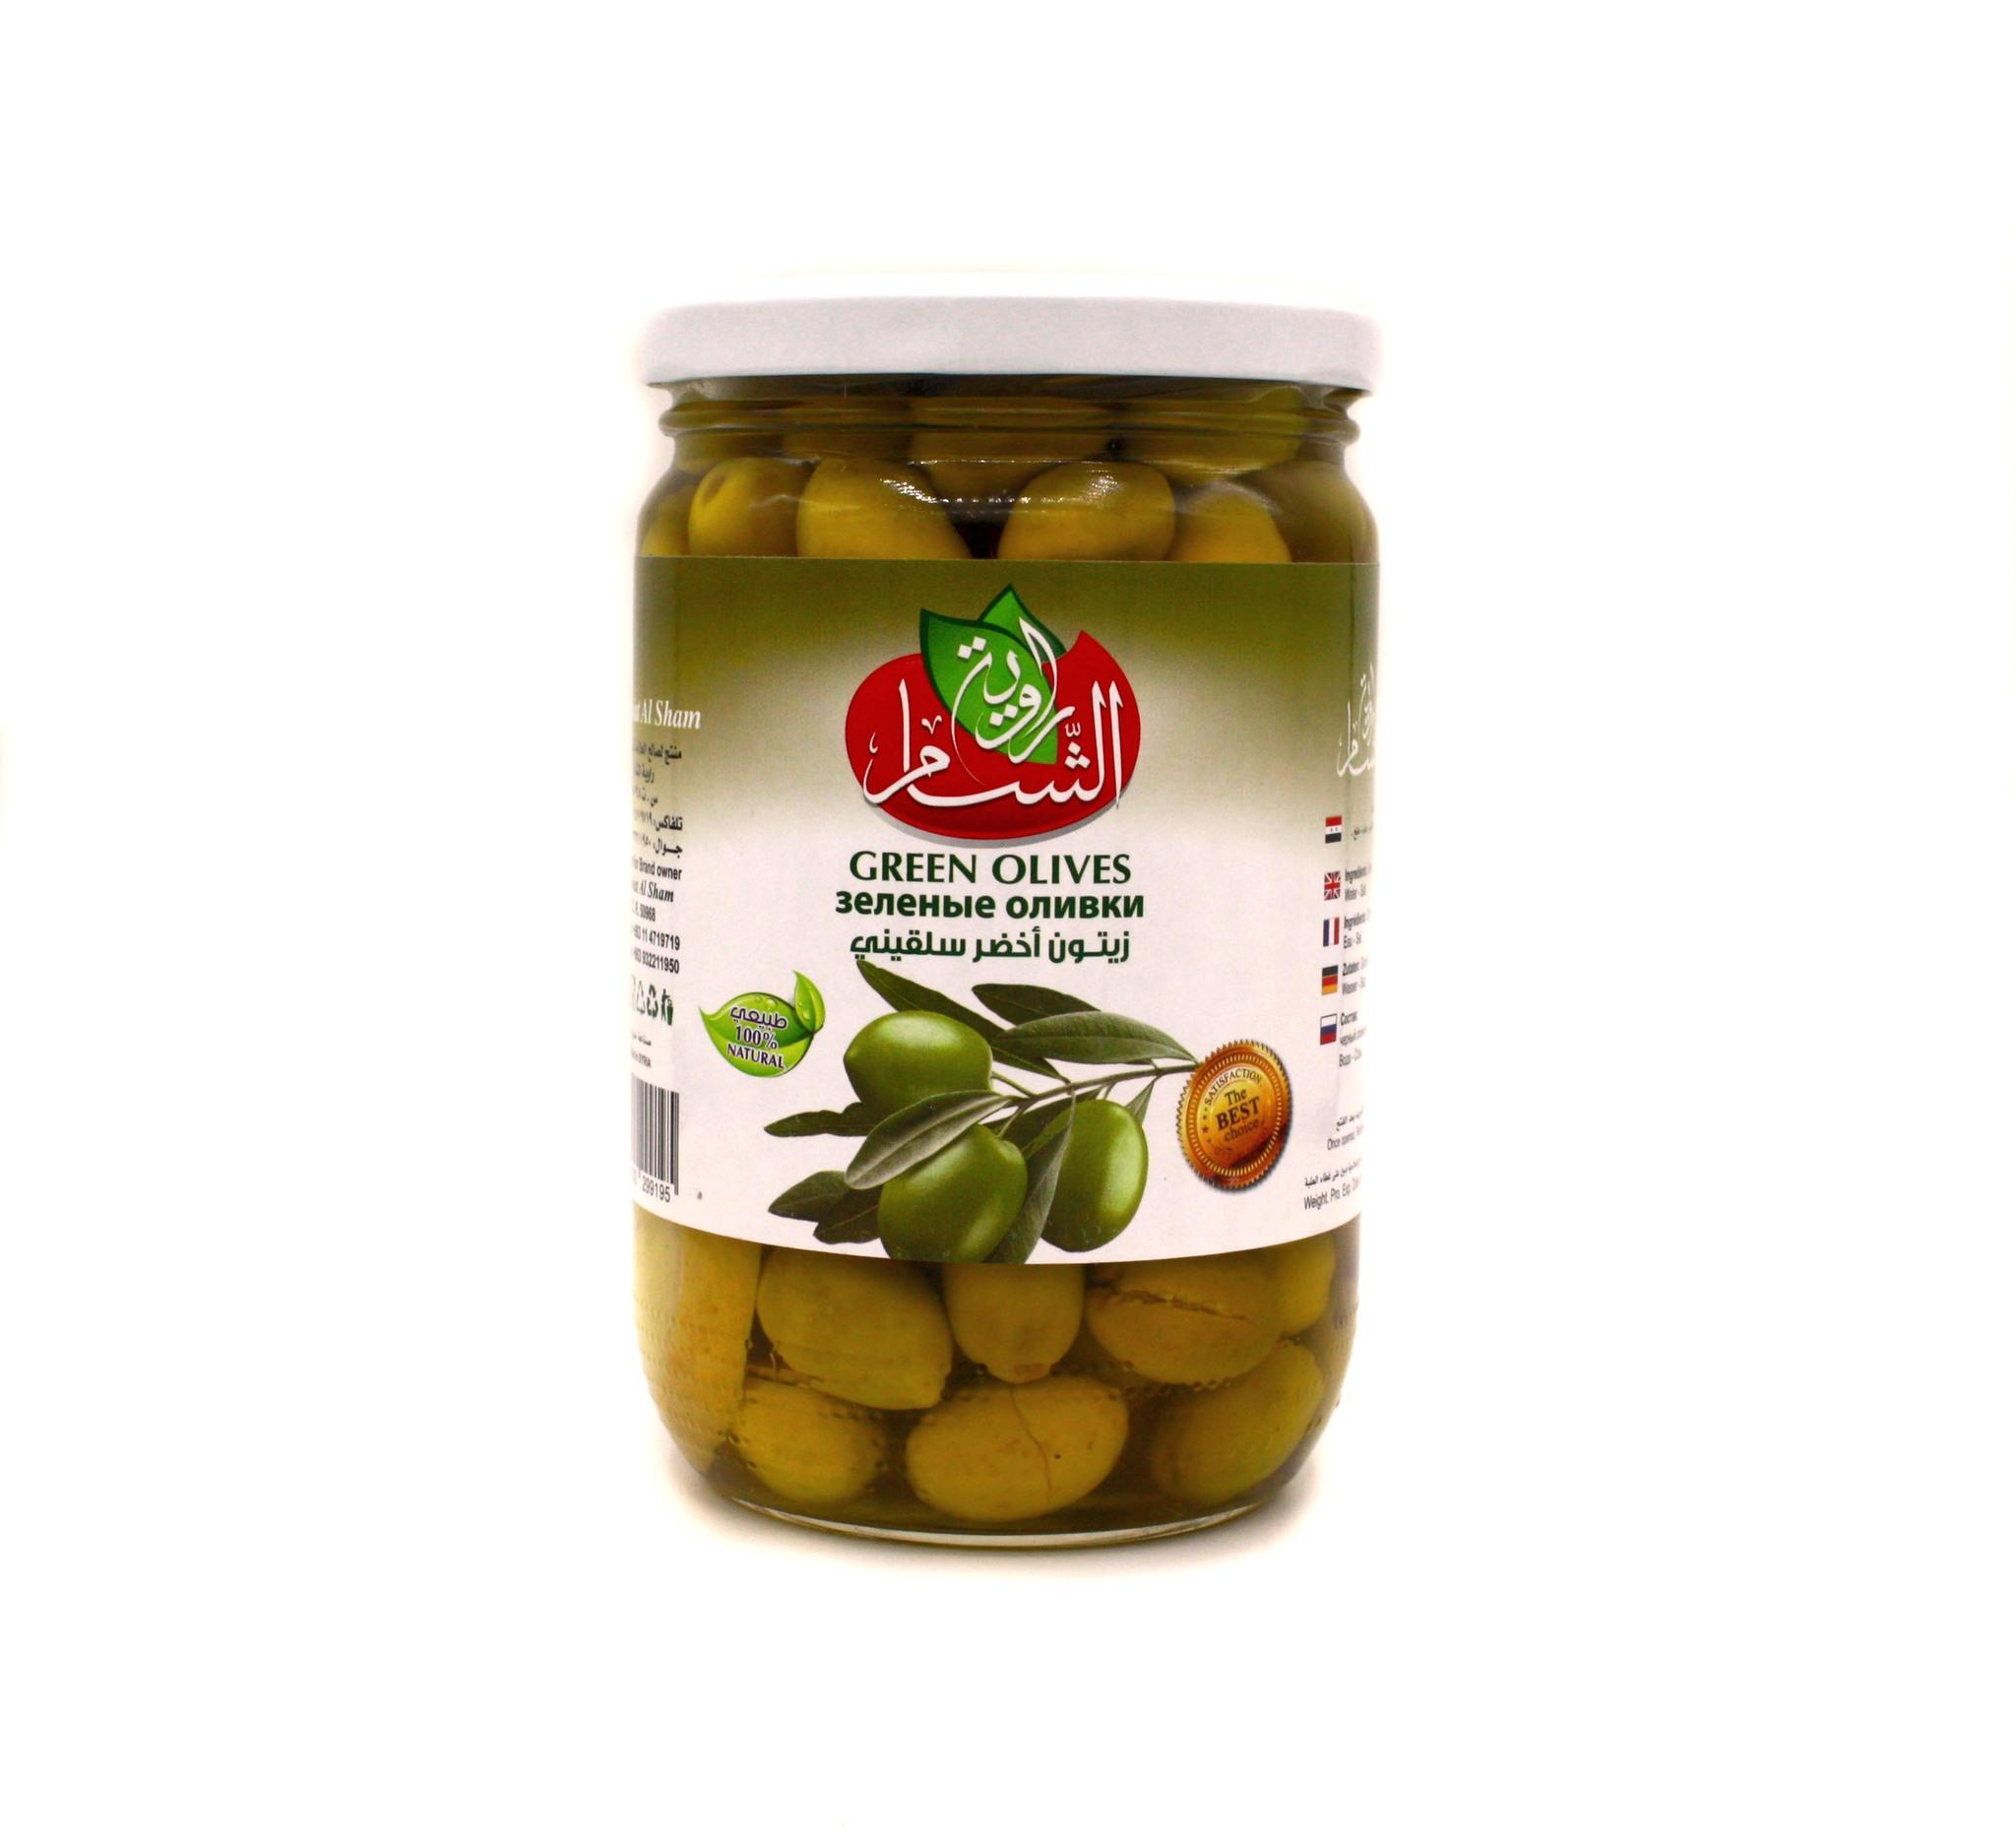 Оливки Оливки зеленые Rawiat Al Sham, 400 г import_files_a2_a24b6a3c67e911e89d8f448a5b3752ae_da0404c8657a11e8a996484d7ecee297.jpg